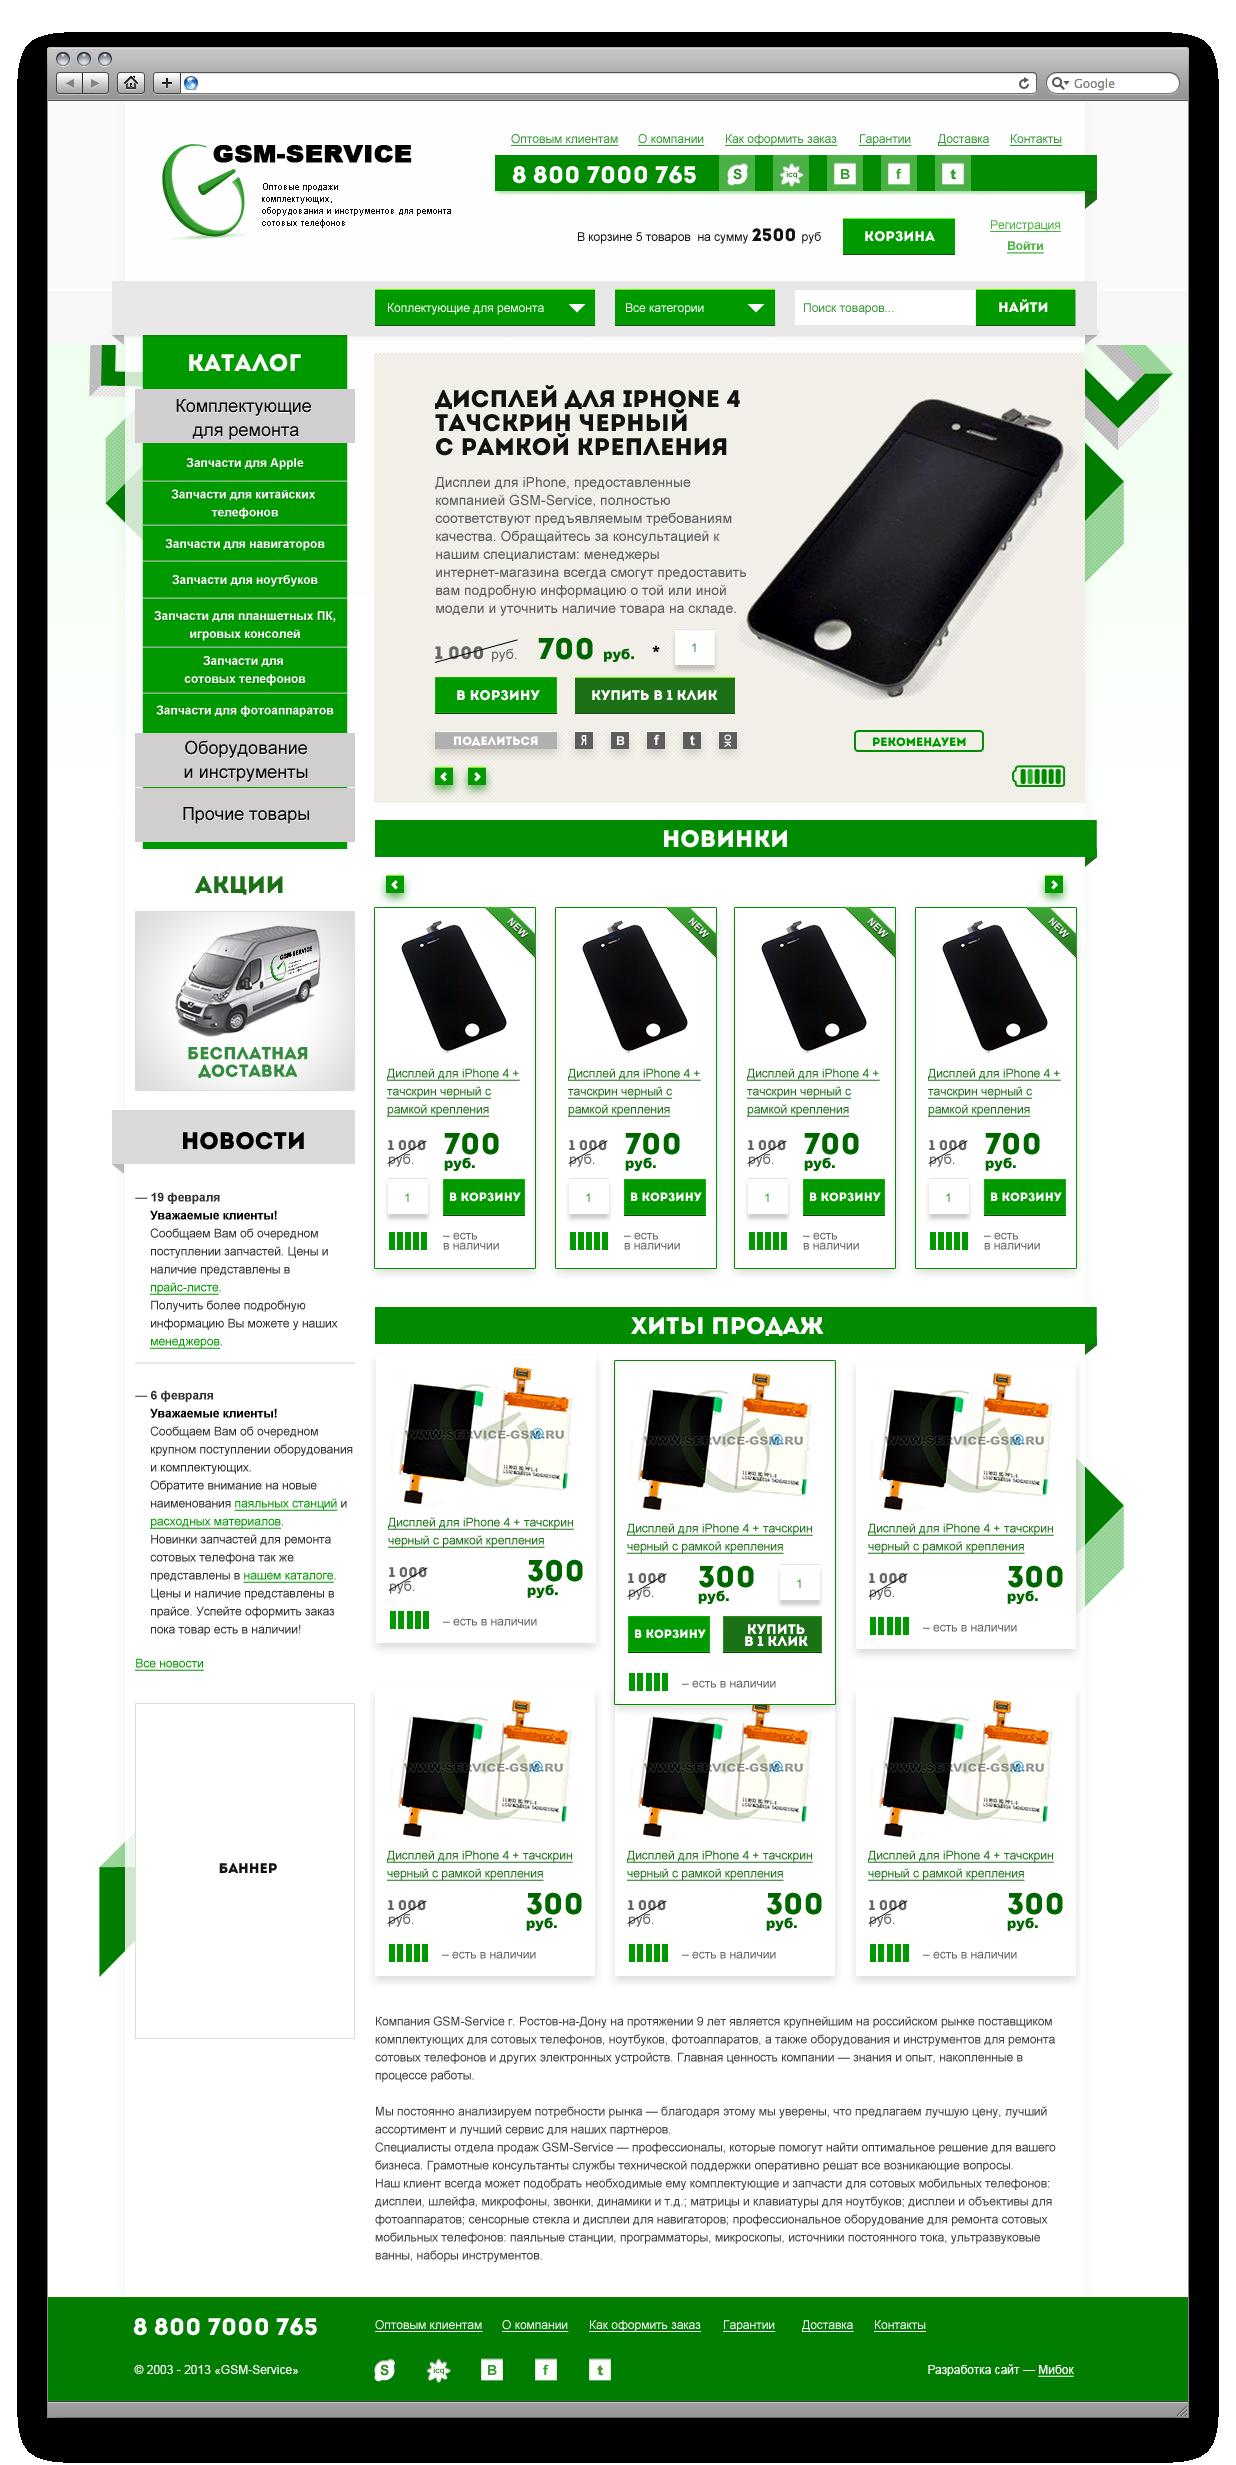 Дизайн интернет магазина GSM-Service для компании Мибок